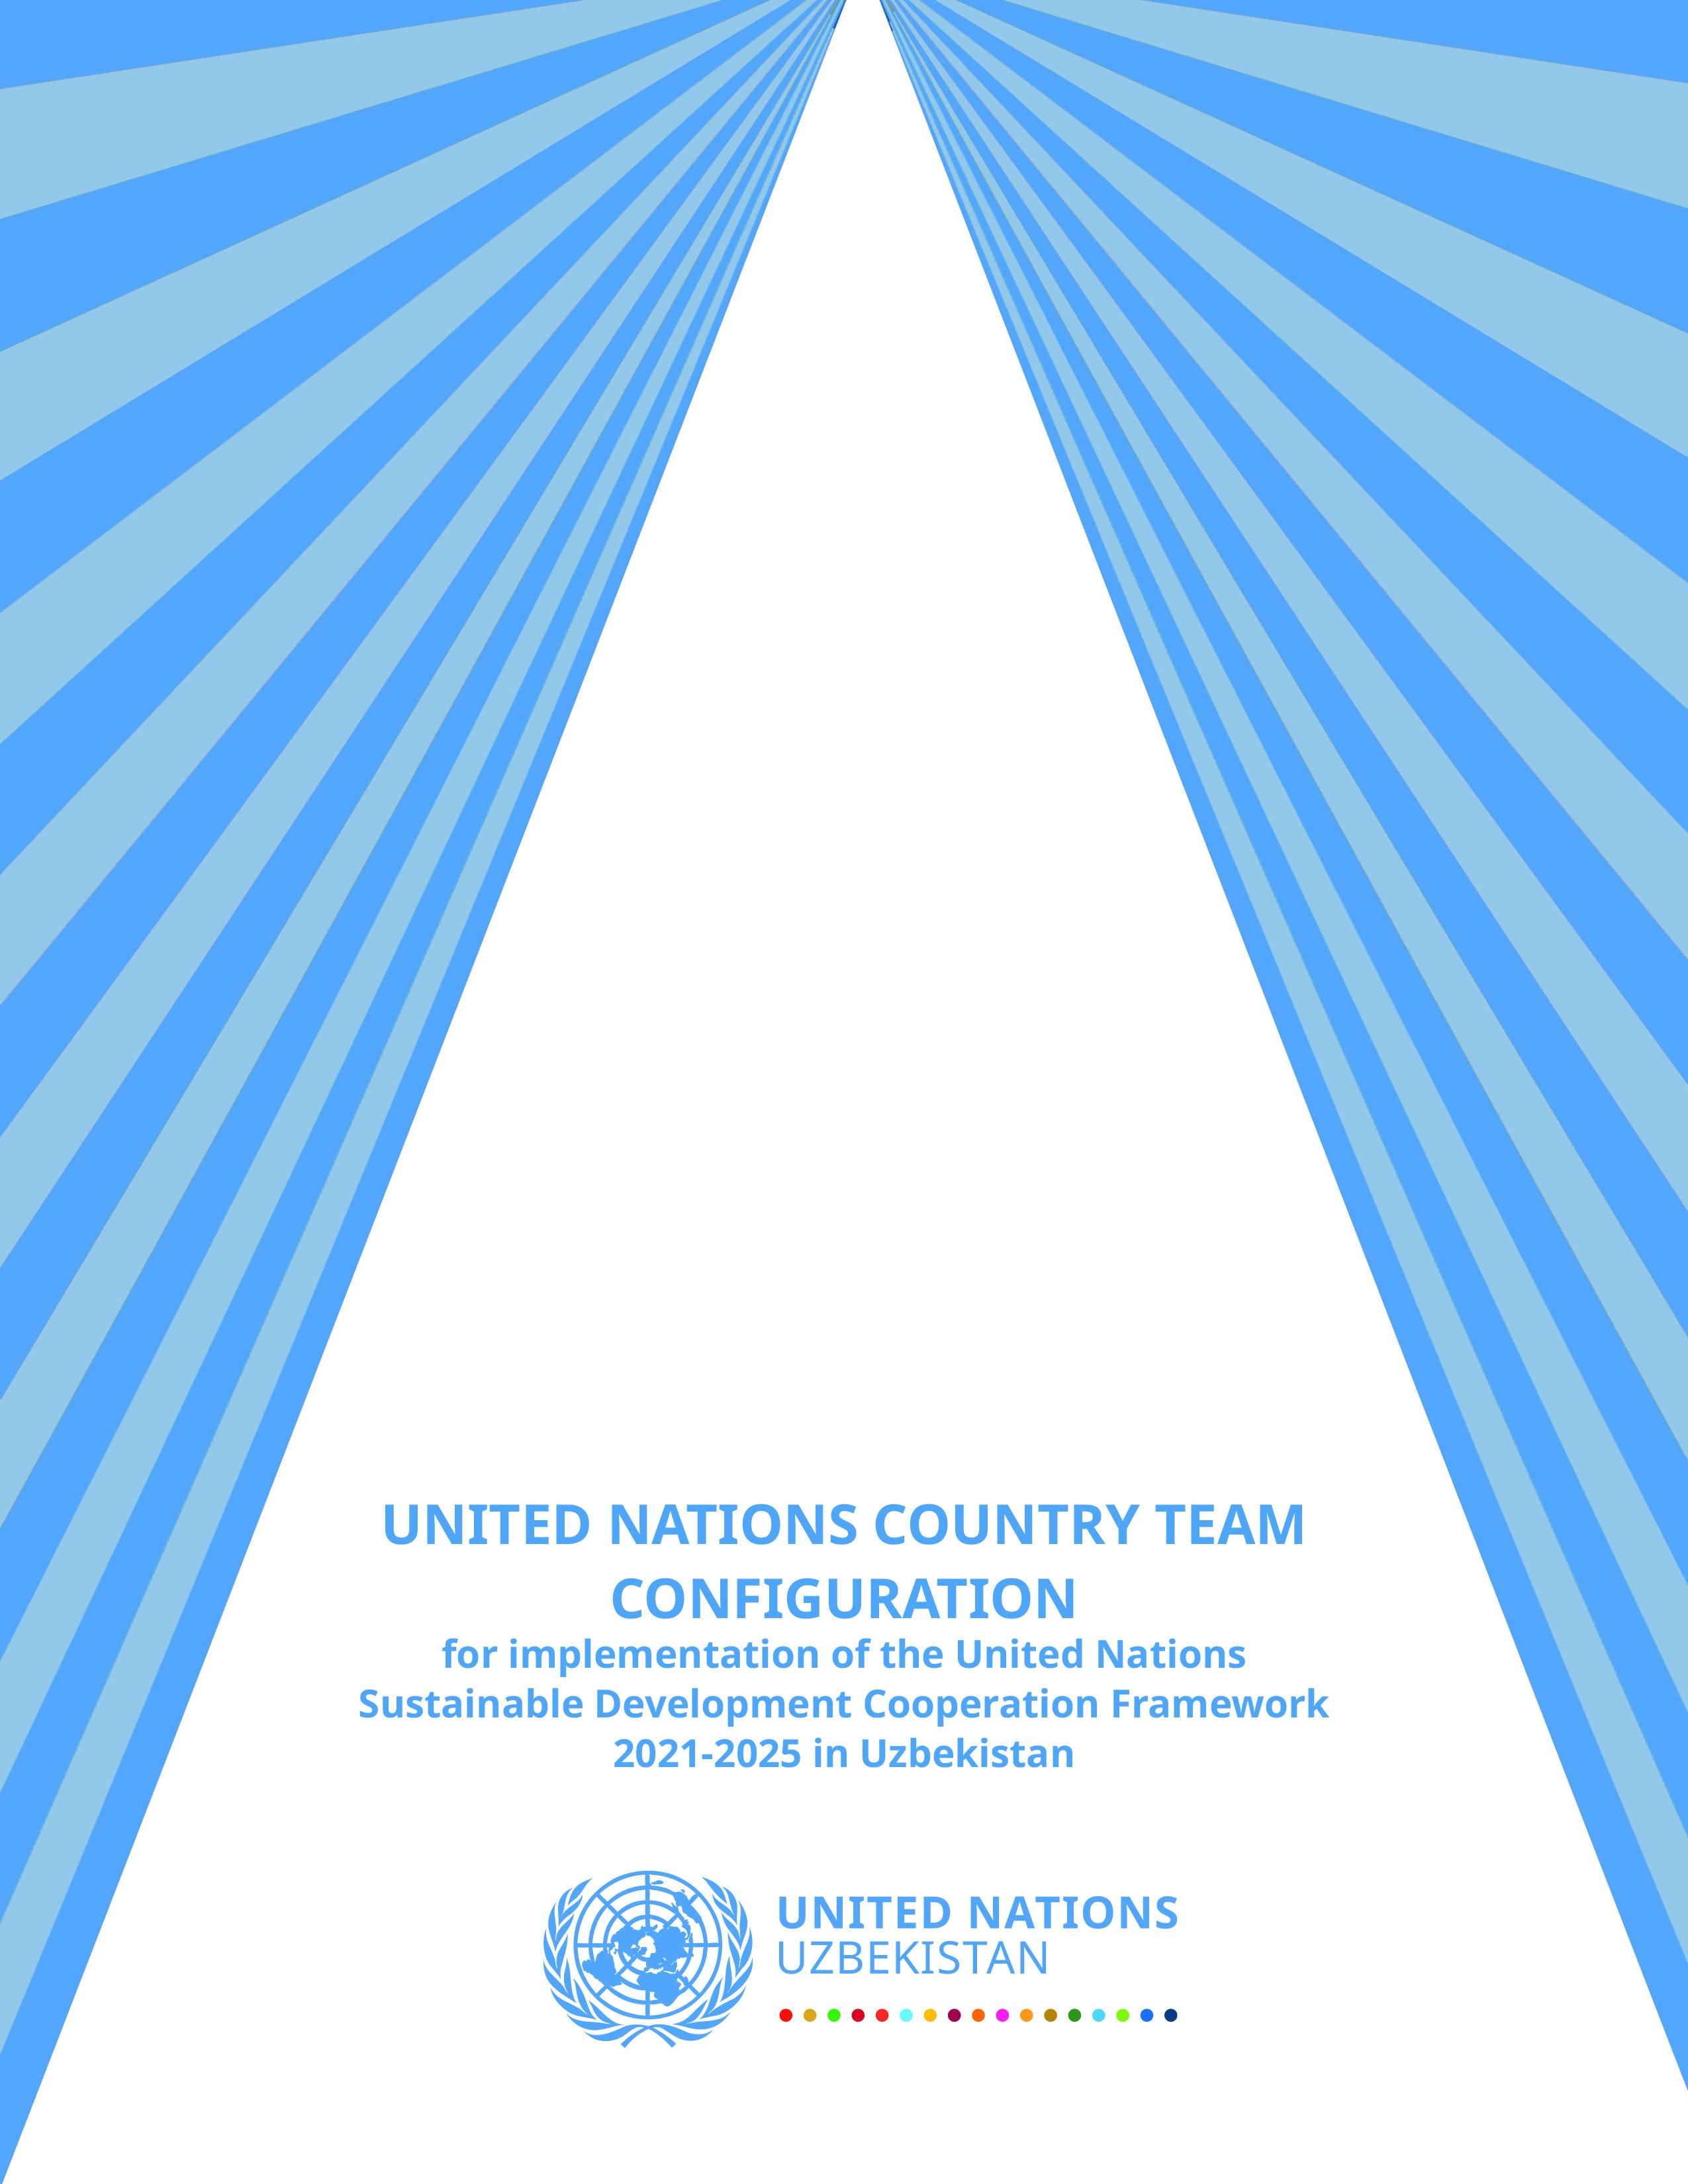 Конфигурация Страновой команды ООН для реализации Рамочной программы сотрудничества ООН в целях устойчивого развития на 2021-2025 годы в Узбекистане